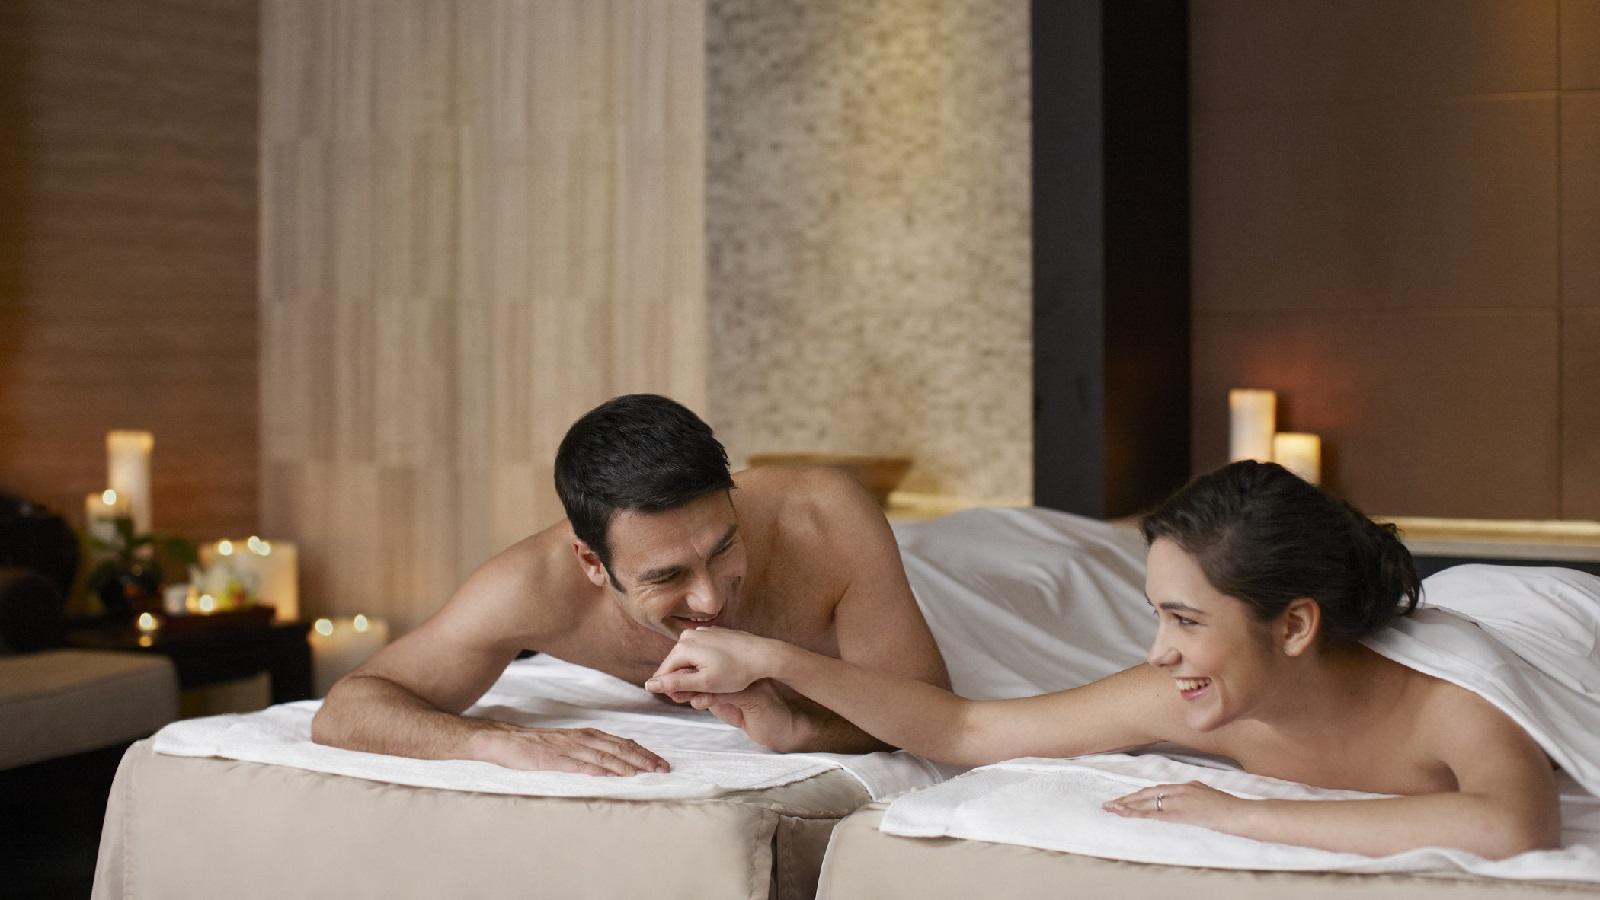 Having sex at a spa